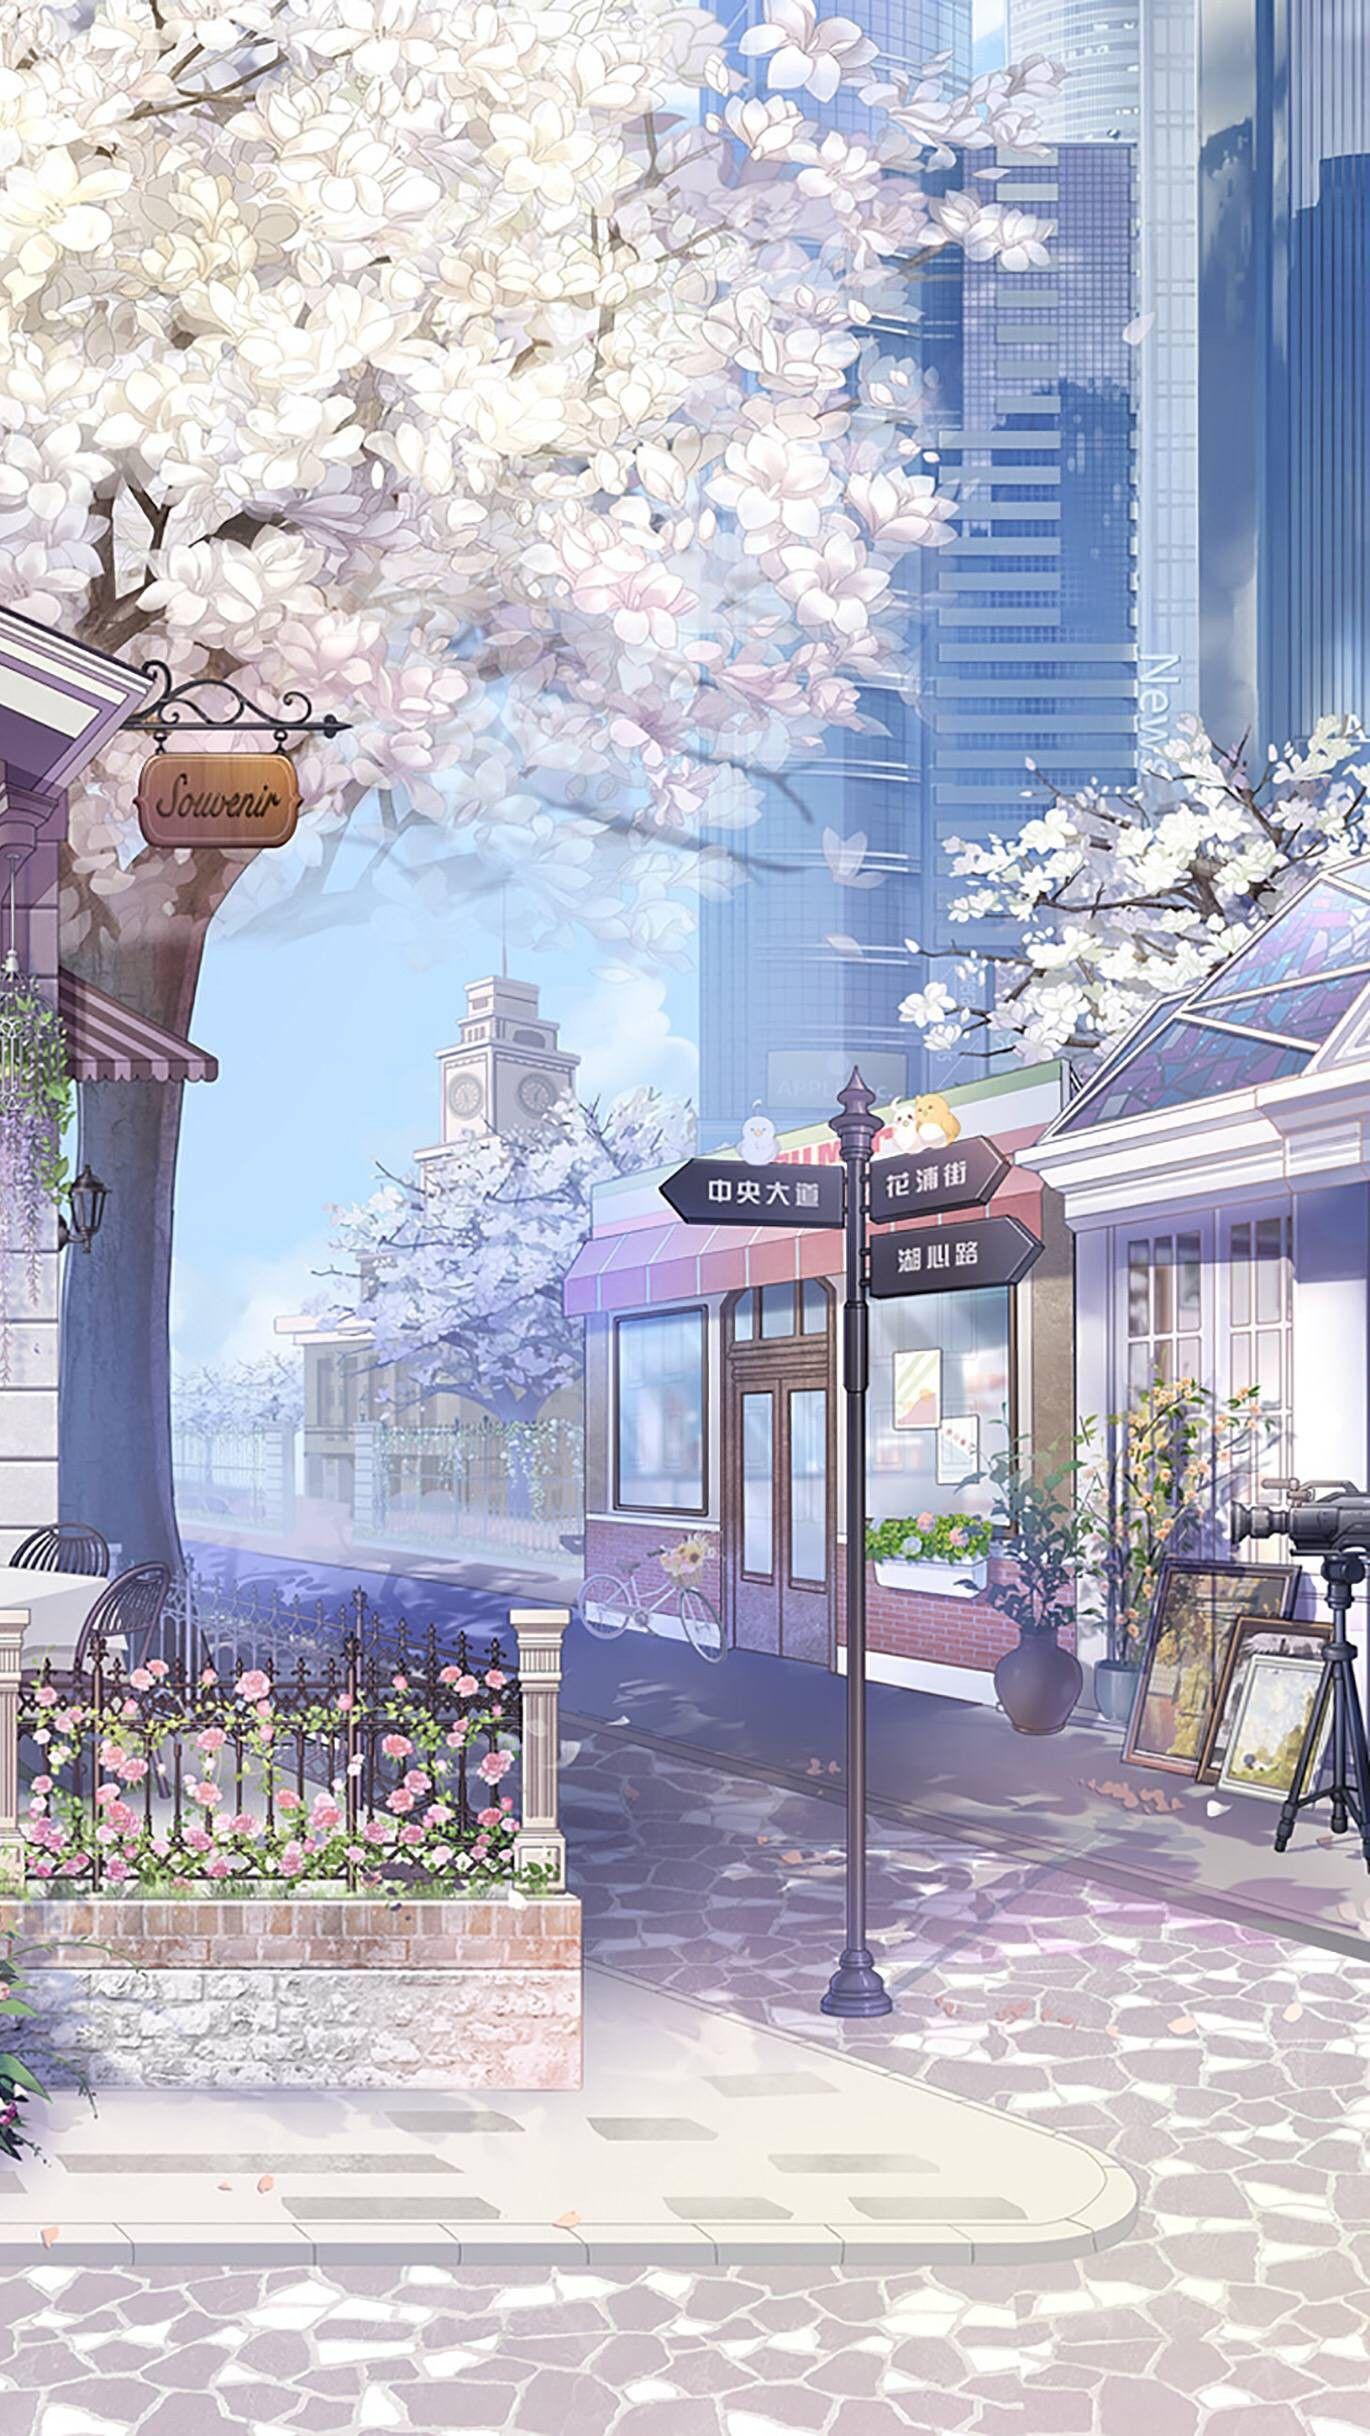 anime scenery wallpaper aesthetic anime wallpaper